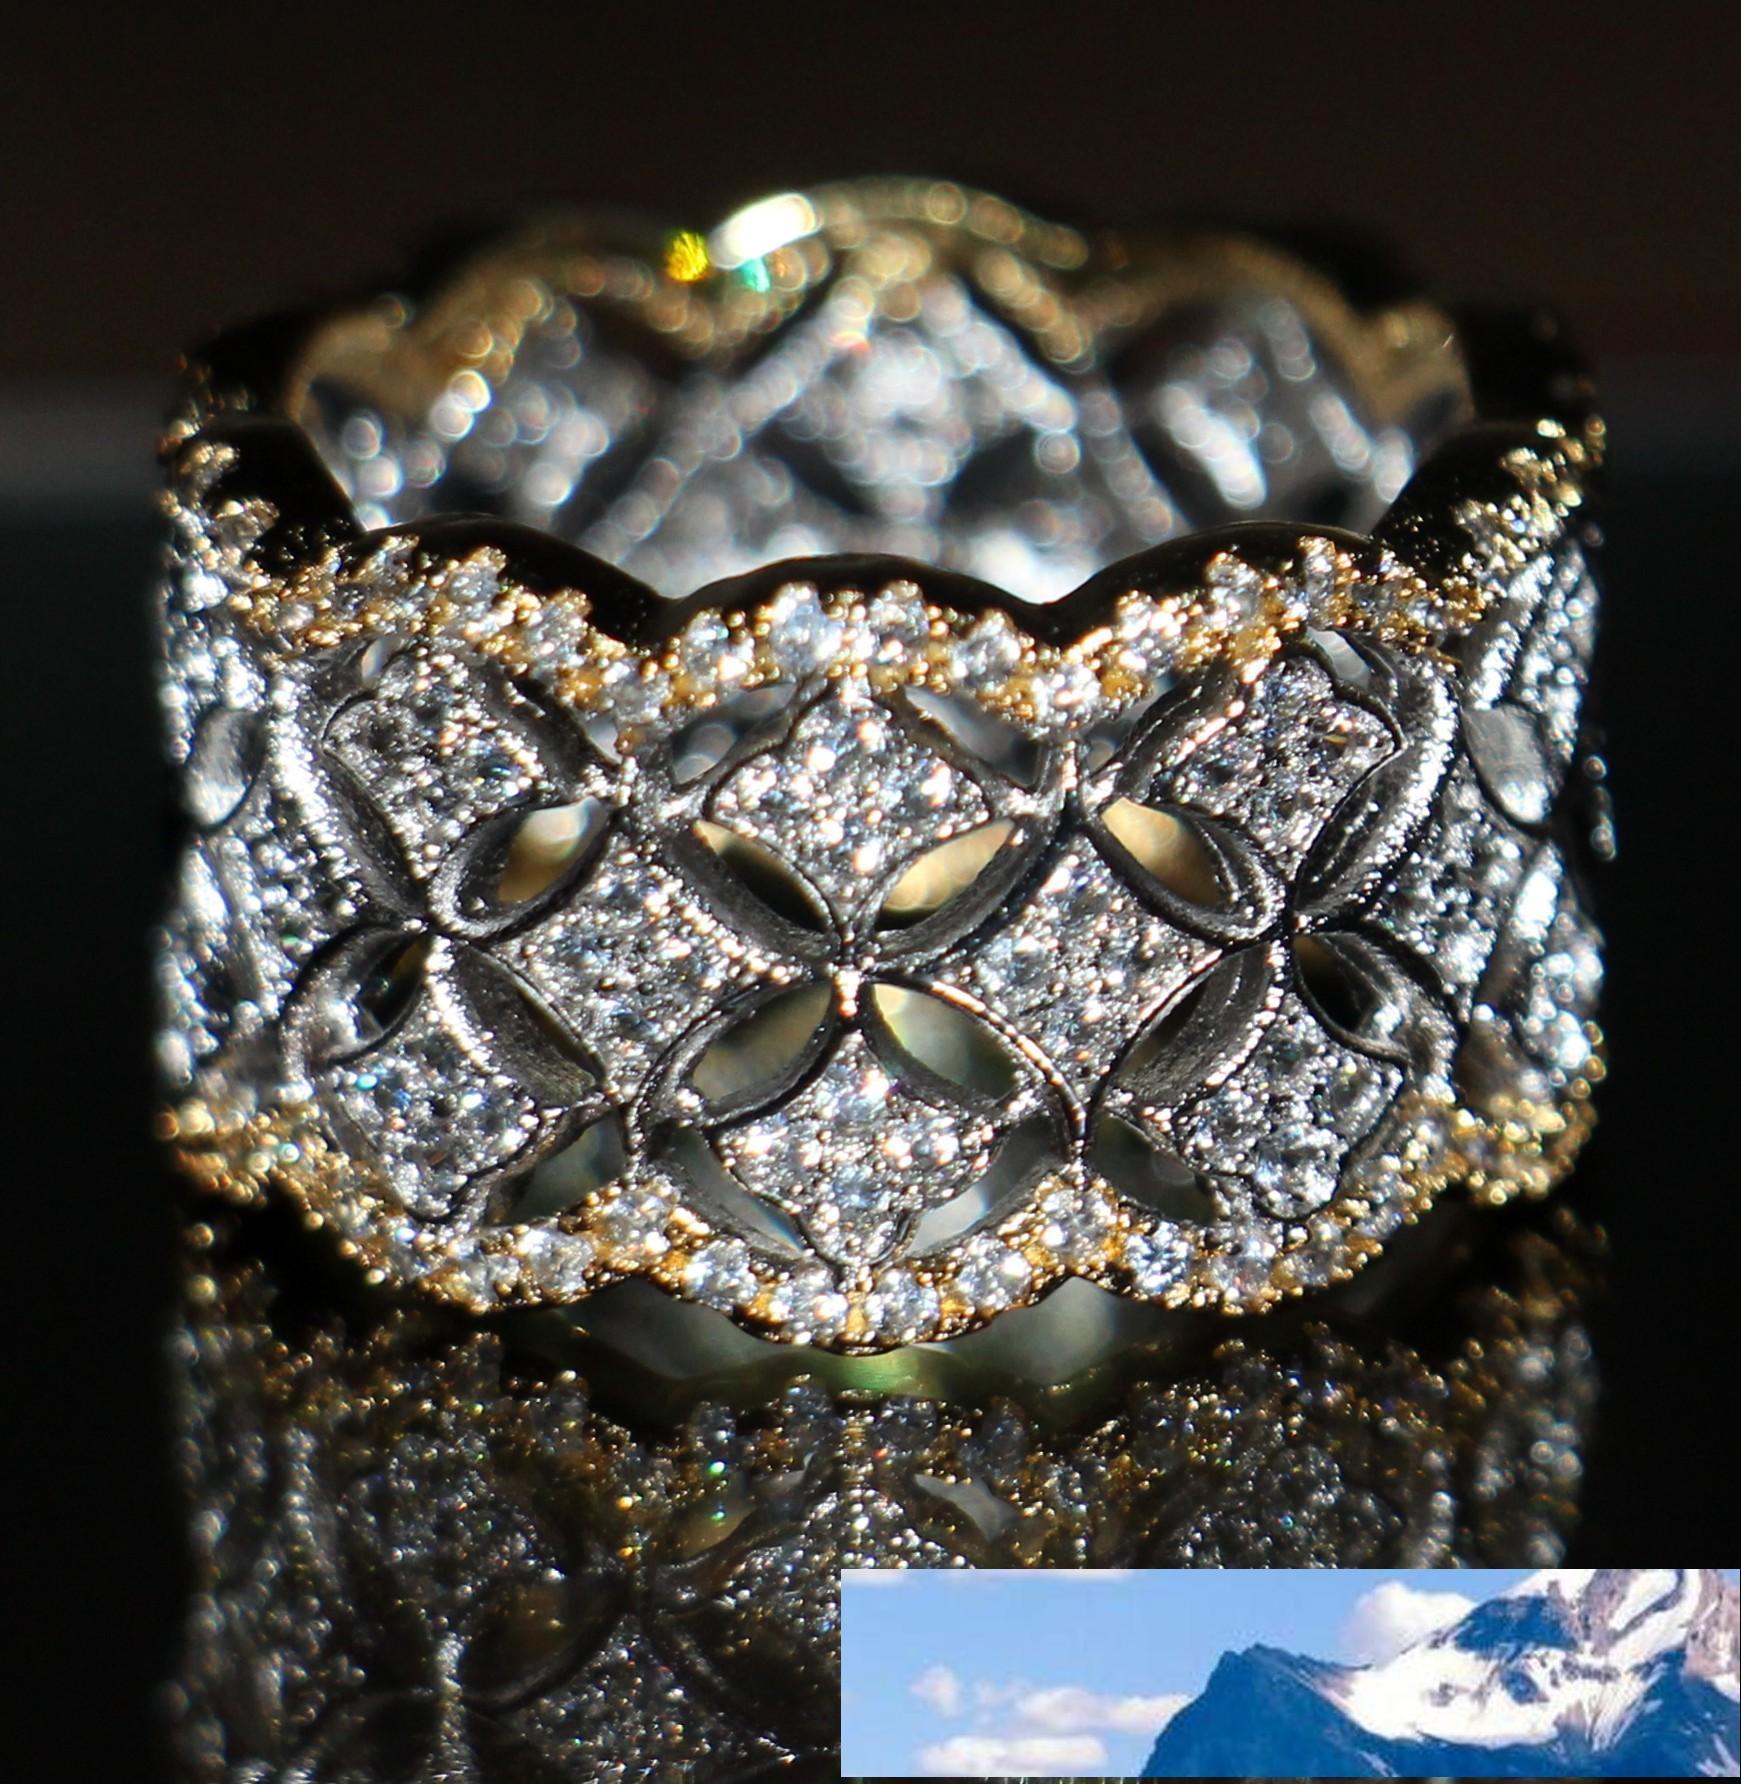 220pcs صغيرة الأبيض توباز مجوهرات الساخن 925 فضة مطلية بالذهب مقلد الماس الأحجار الكريمة خواتم الزفاف النساء لمحبي حجم 5-11